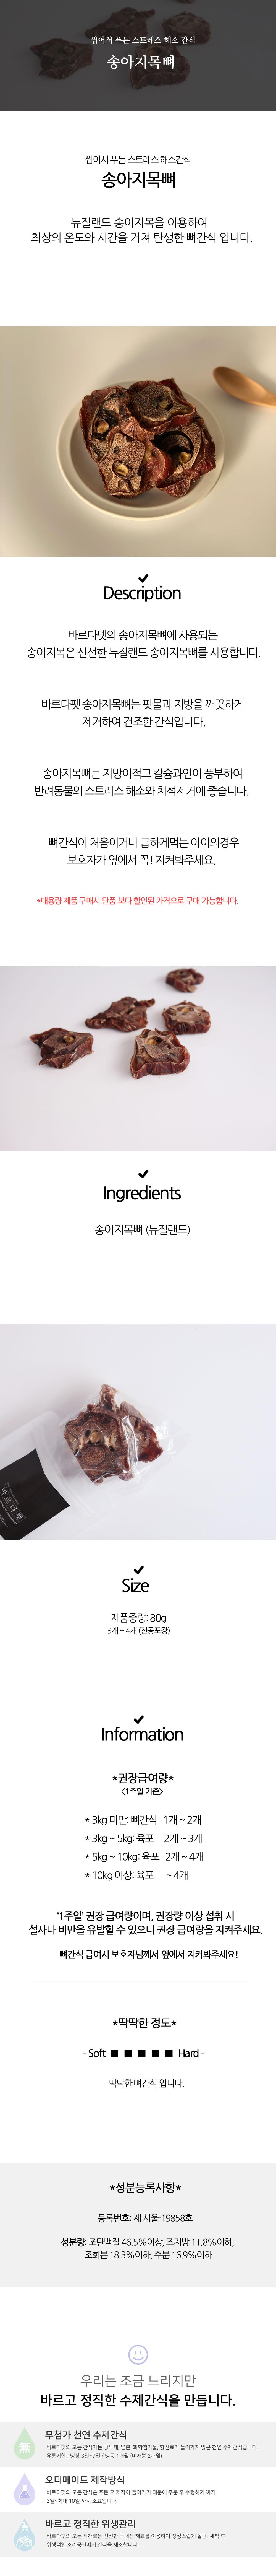 바르다펫 바르고 정직한 송아지목뼈 3p - 바르다펫, 4,900원, 간식/영양제, 수제간식